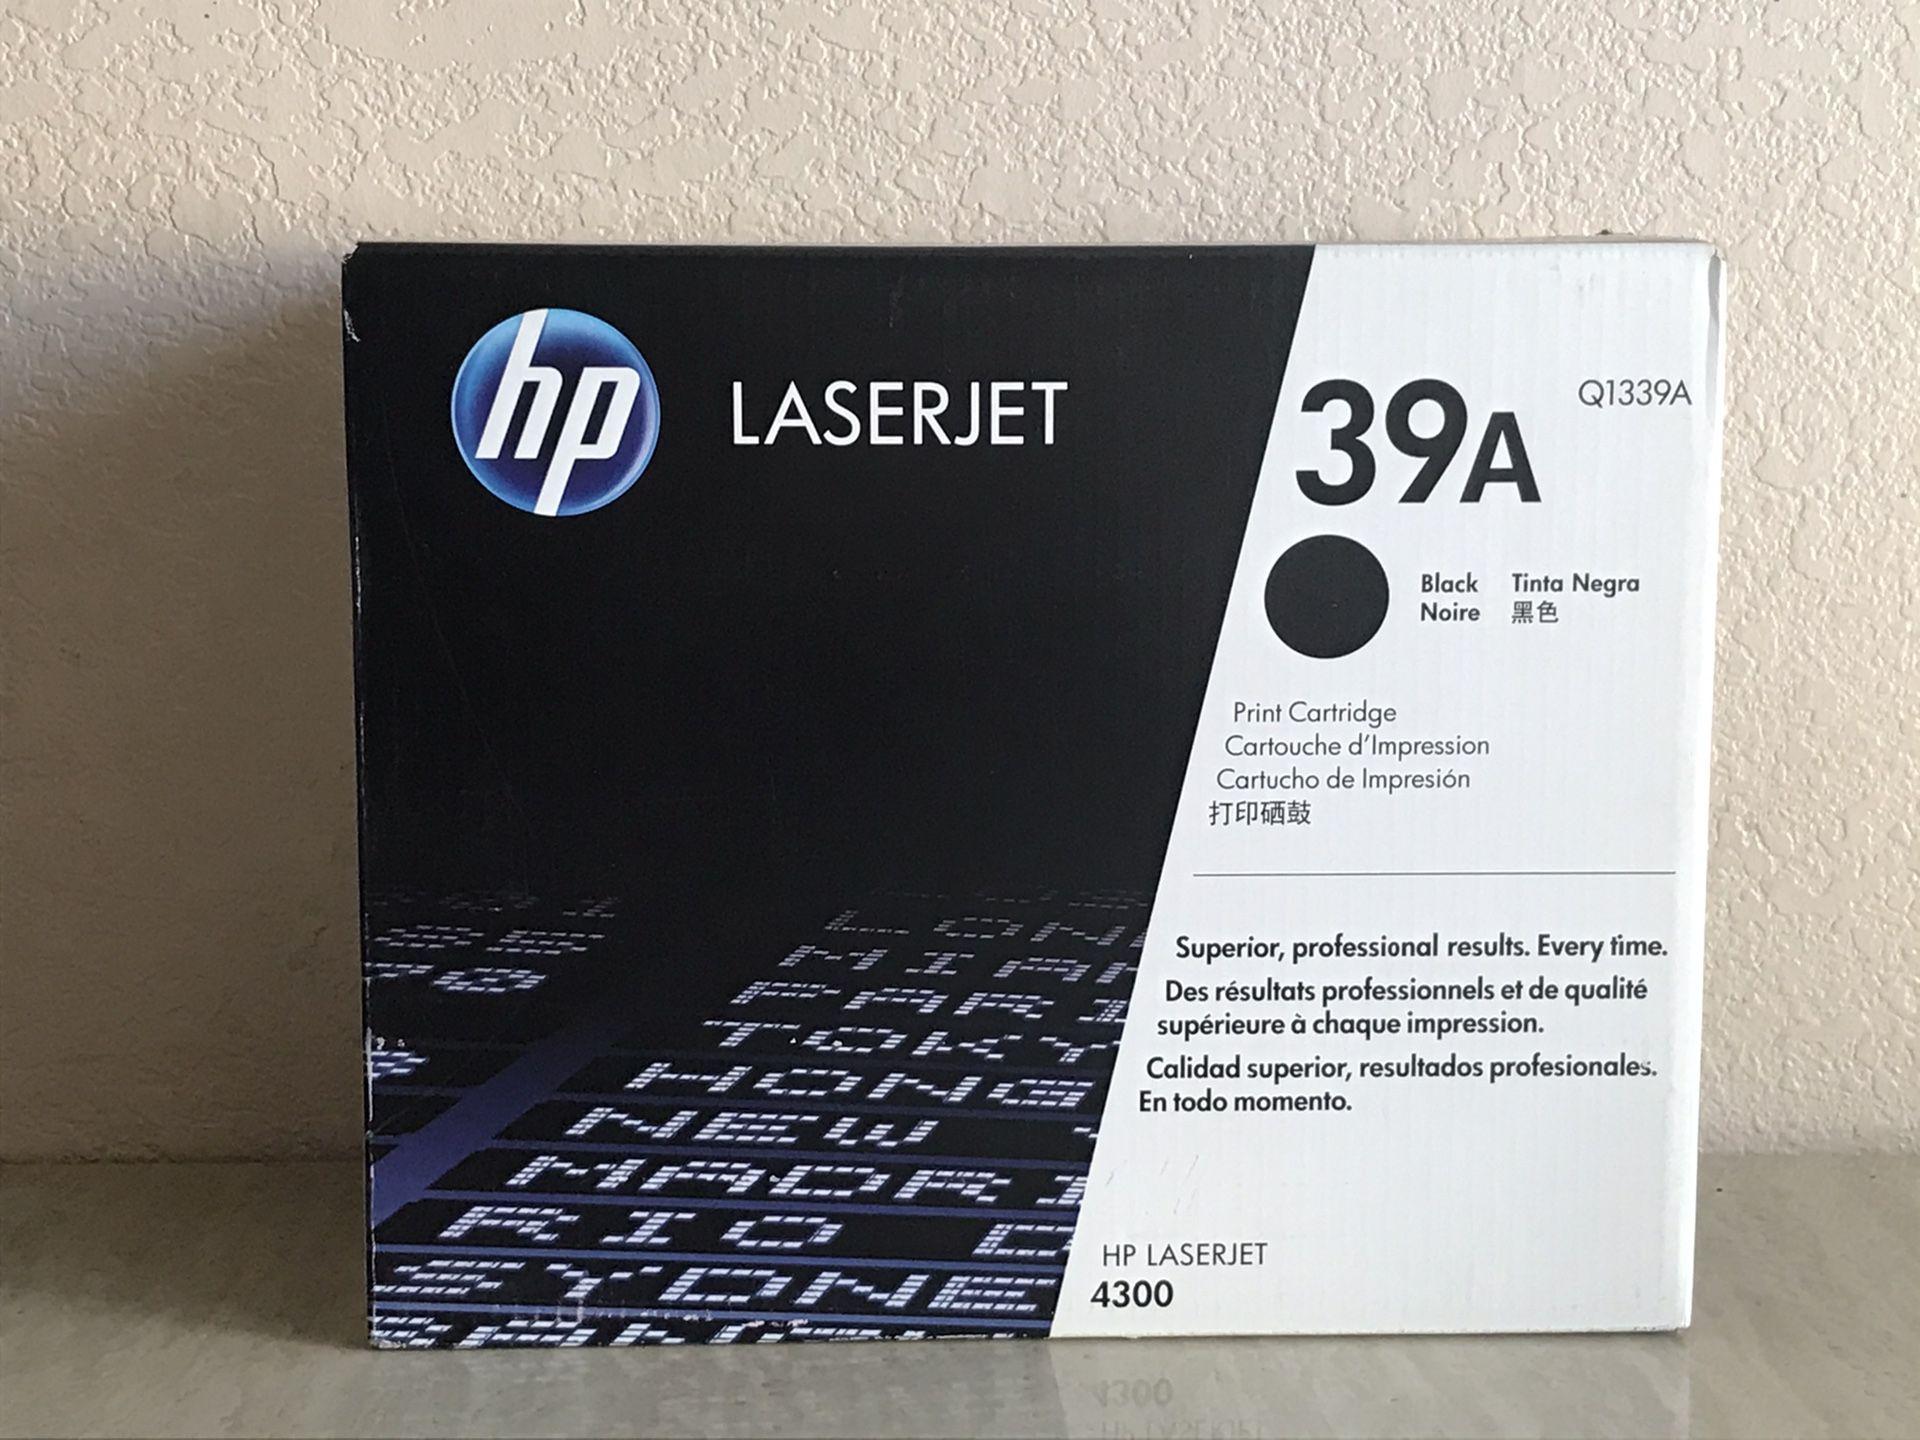 Original HP Sealed Black LaserJet Q1339A for 4300